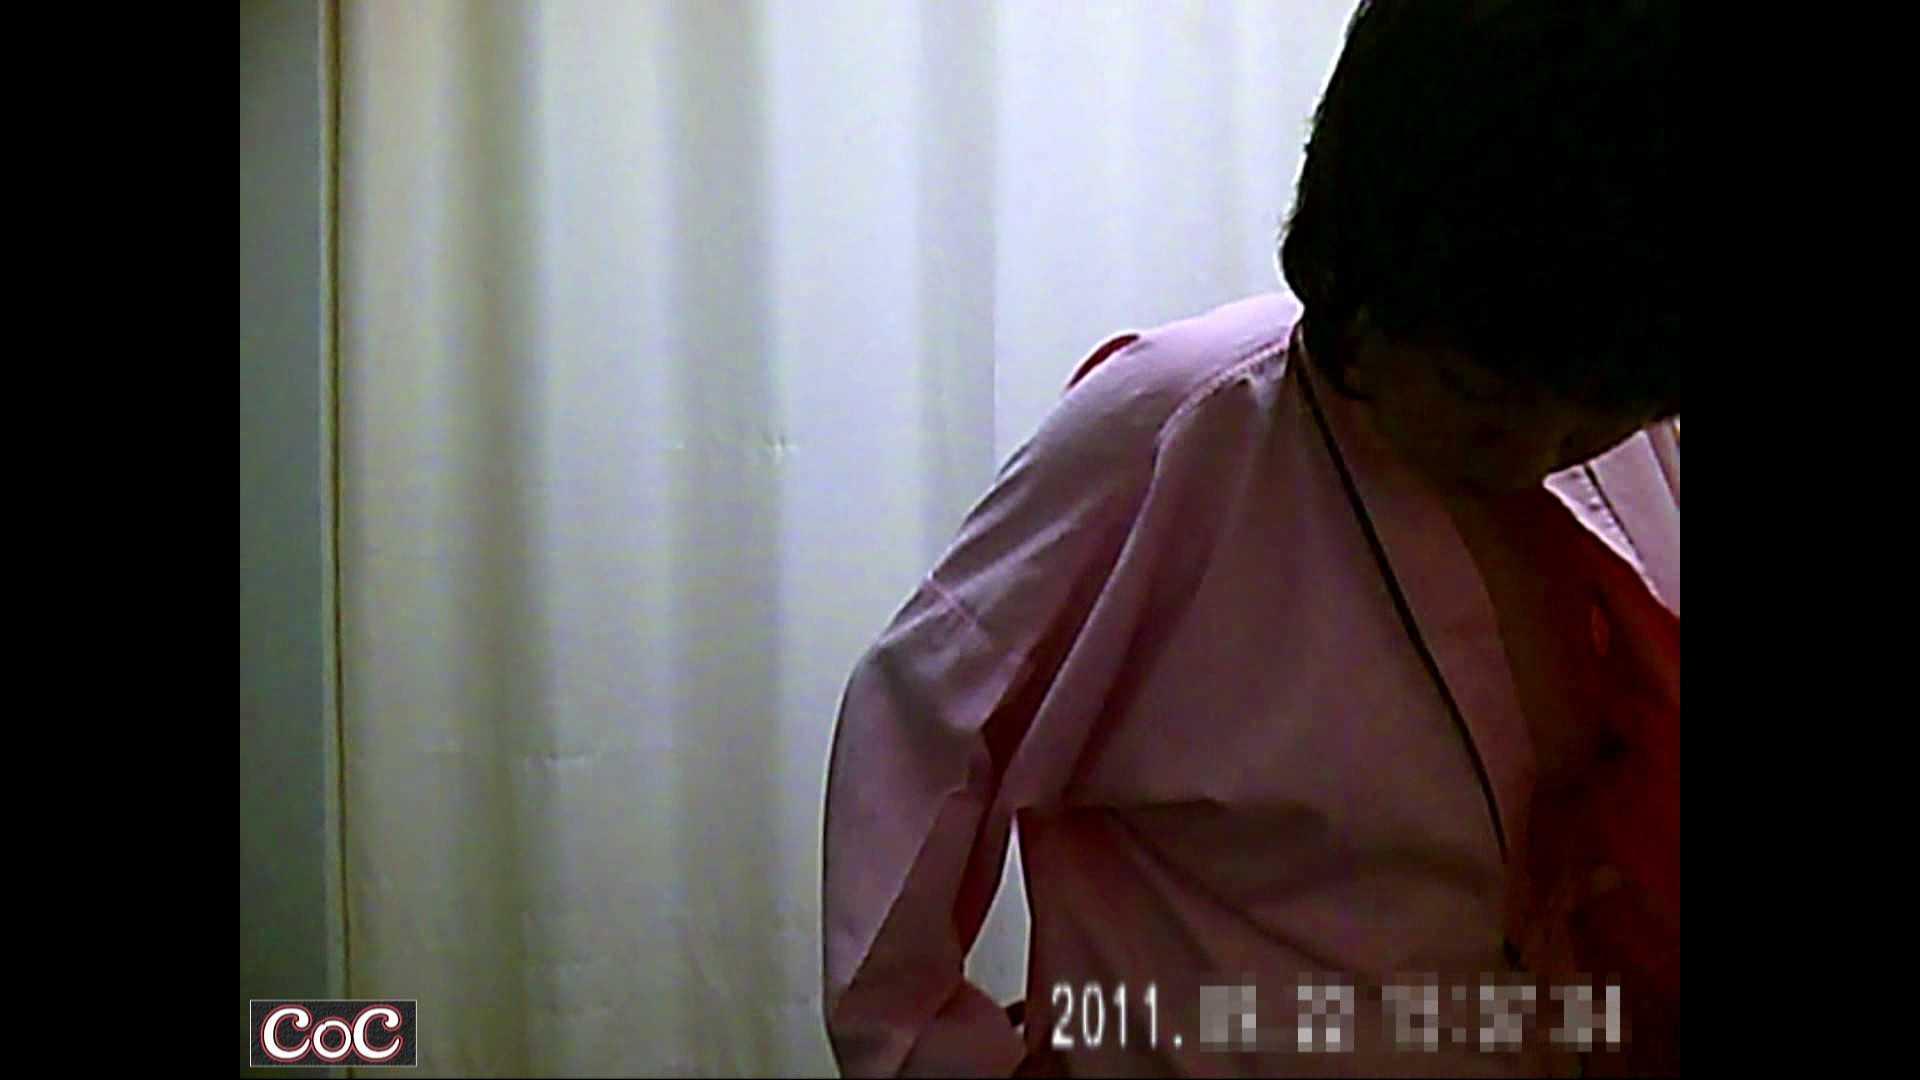 病院おもいっきり着替え! vol.32 おっぱい おめこ無修正動画無料 89画像 4